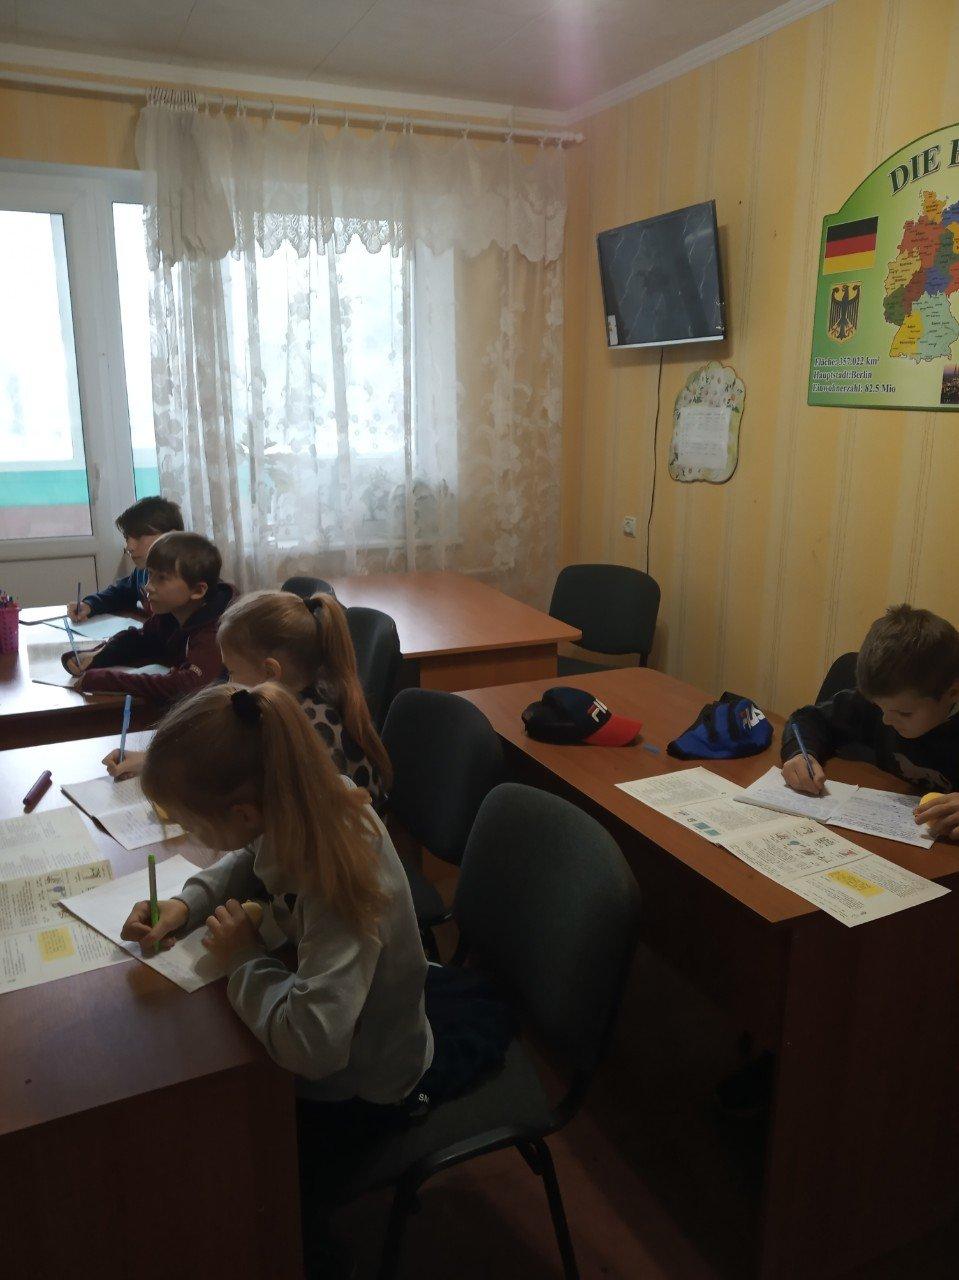 Развитие ребенка в Лозовой, помимо школы и детсада, фото-44